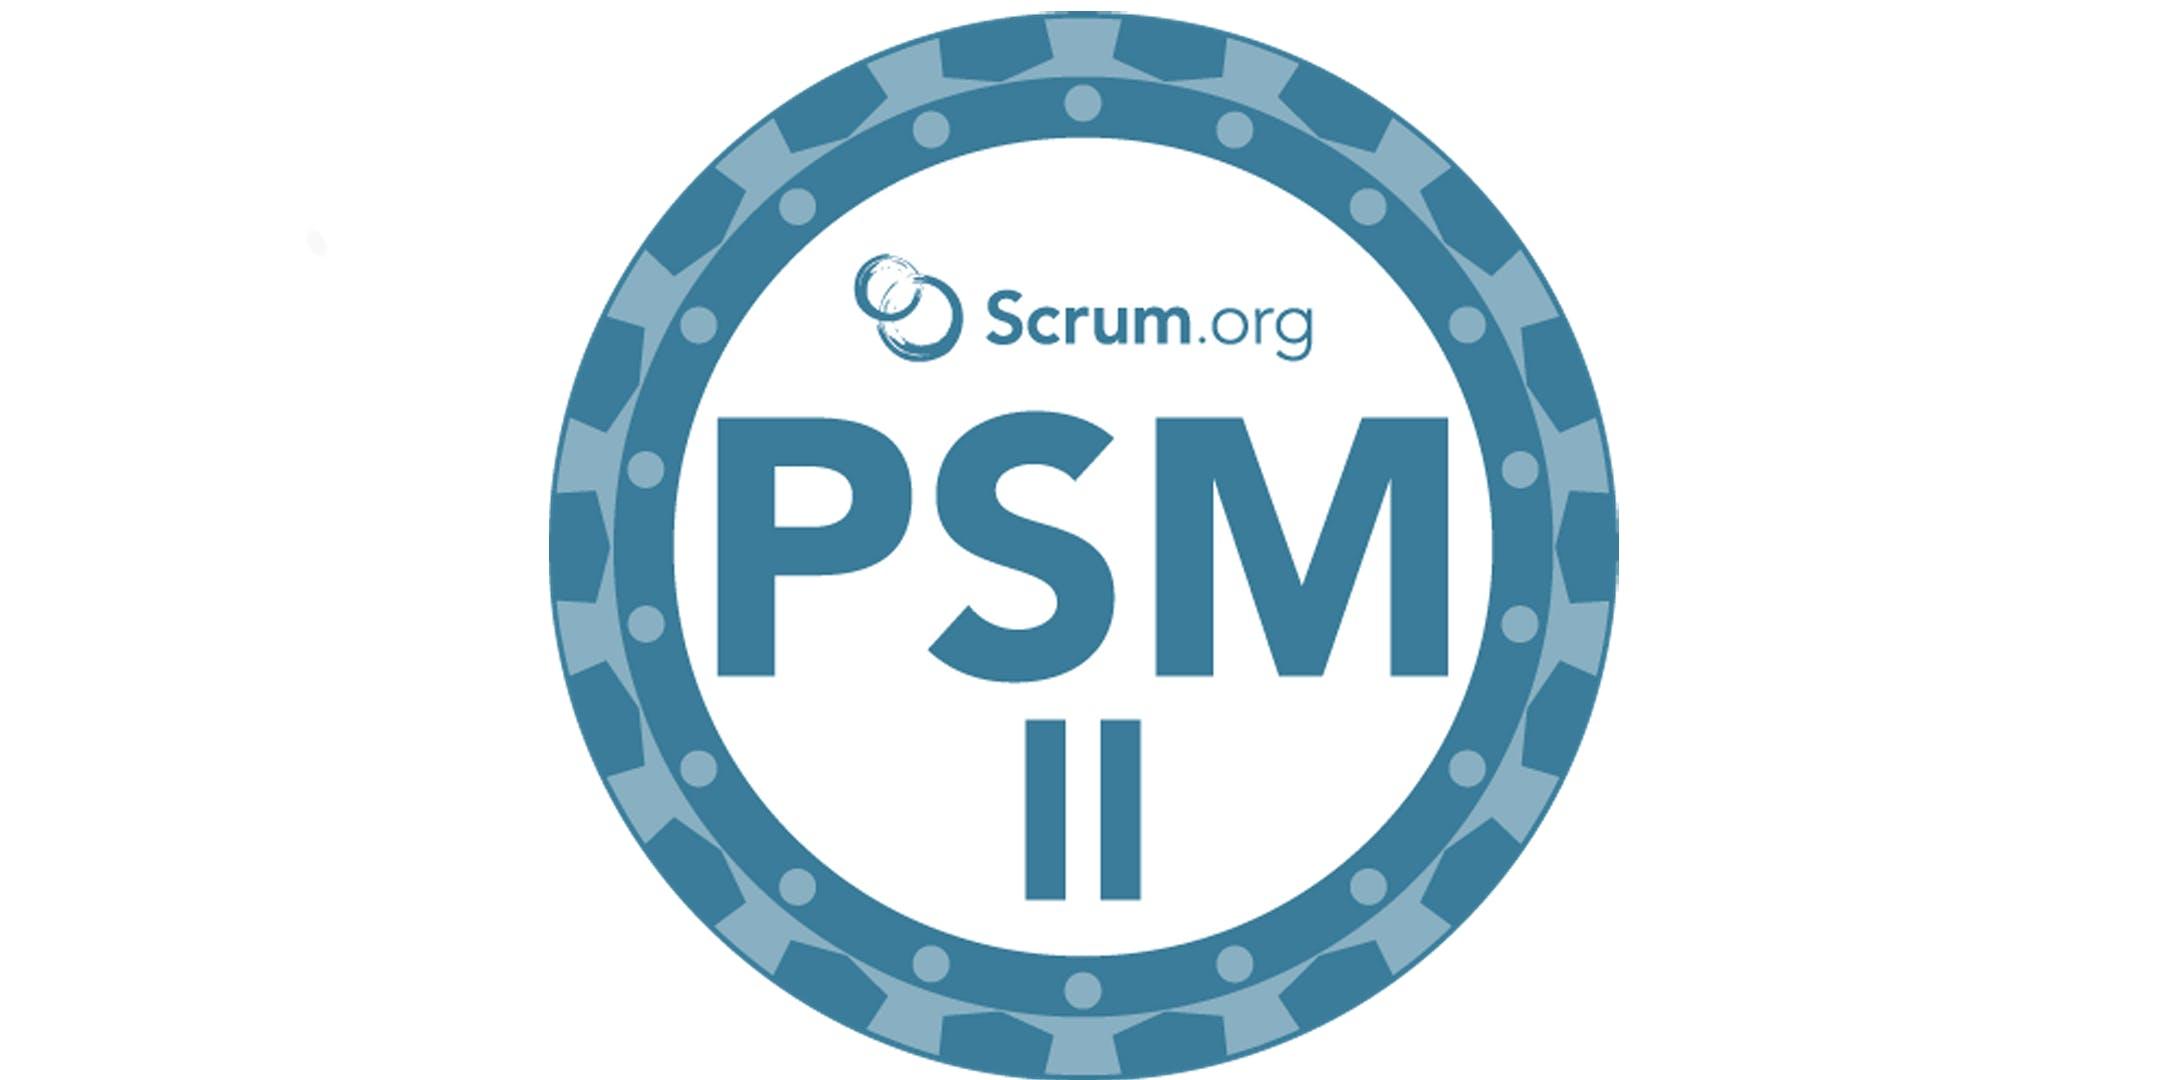 Formation Professional Scrum Master II - Scru